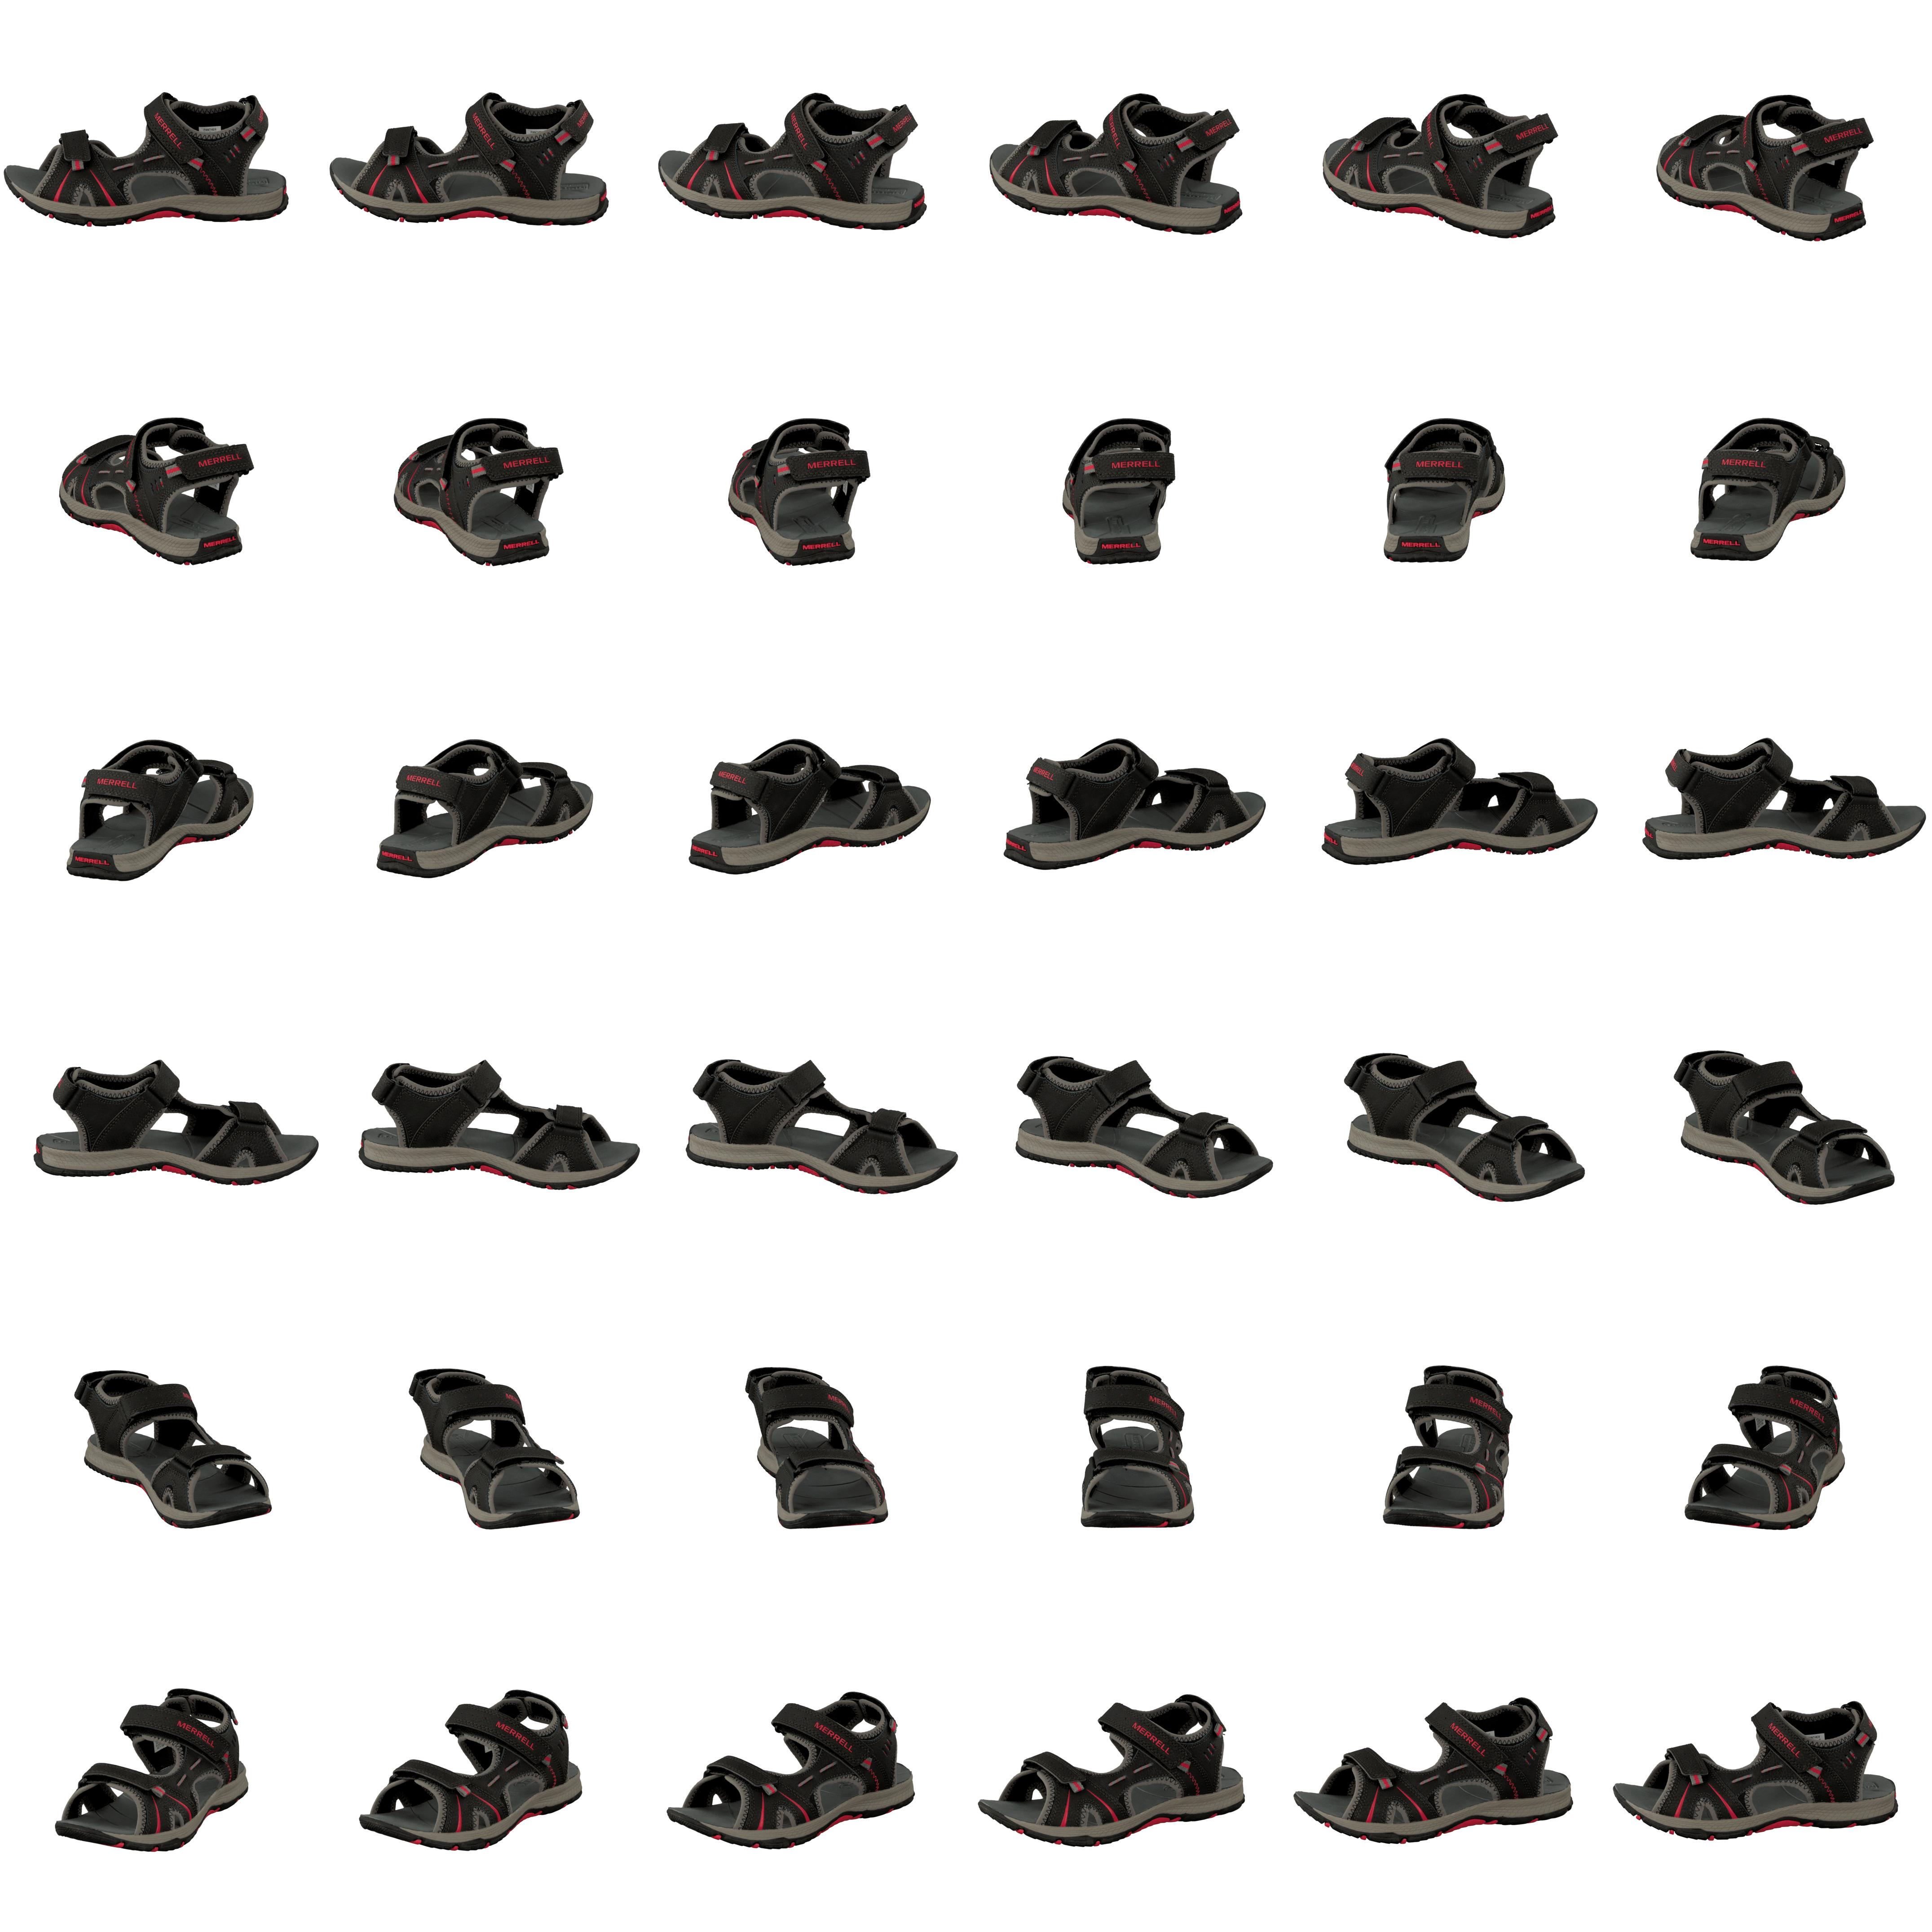 kauf merrell panther sandal black red schwarze schuhe online. Black Bedroom Furniture Sets. Home Design Ideas